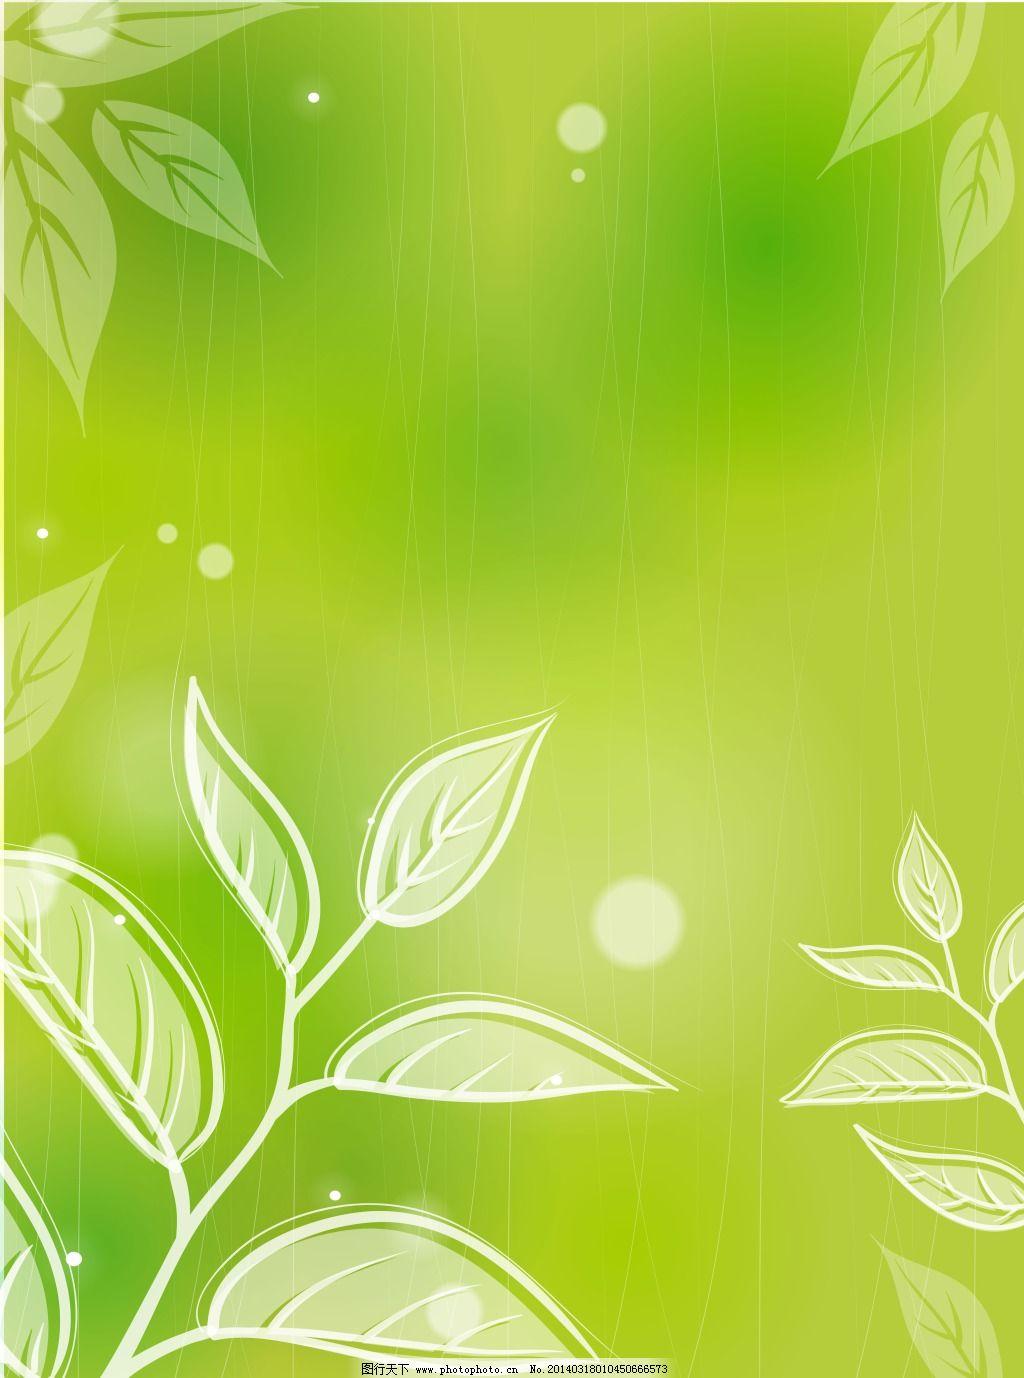 绿色背景 四维8期 绿色背景 白色圆点 透明叶子 家居装饰素材 移门